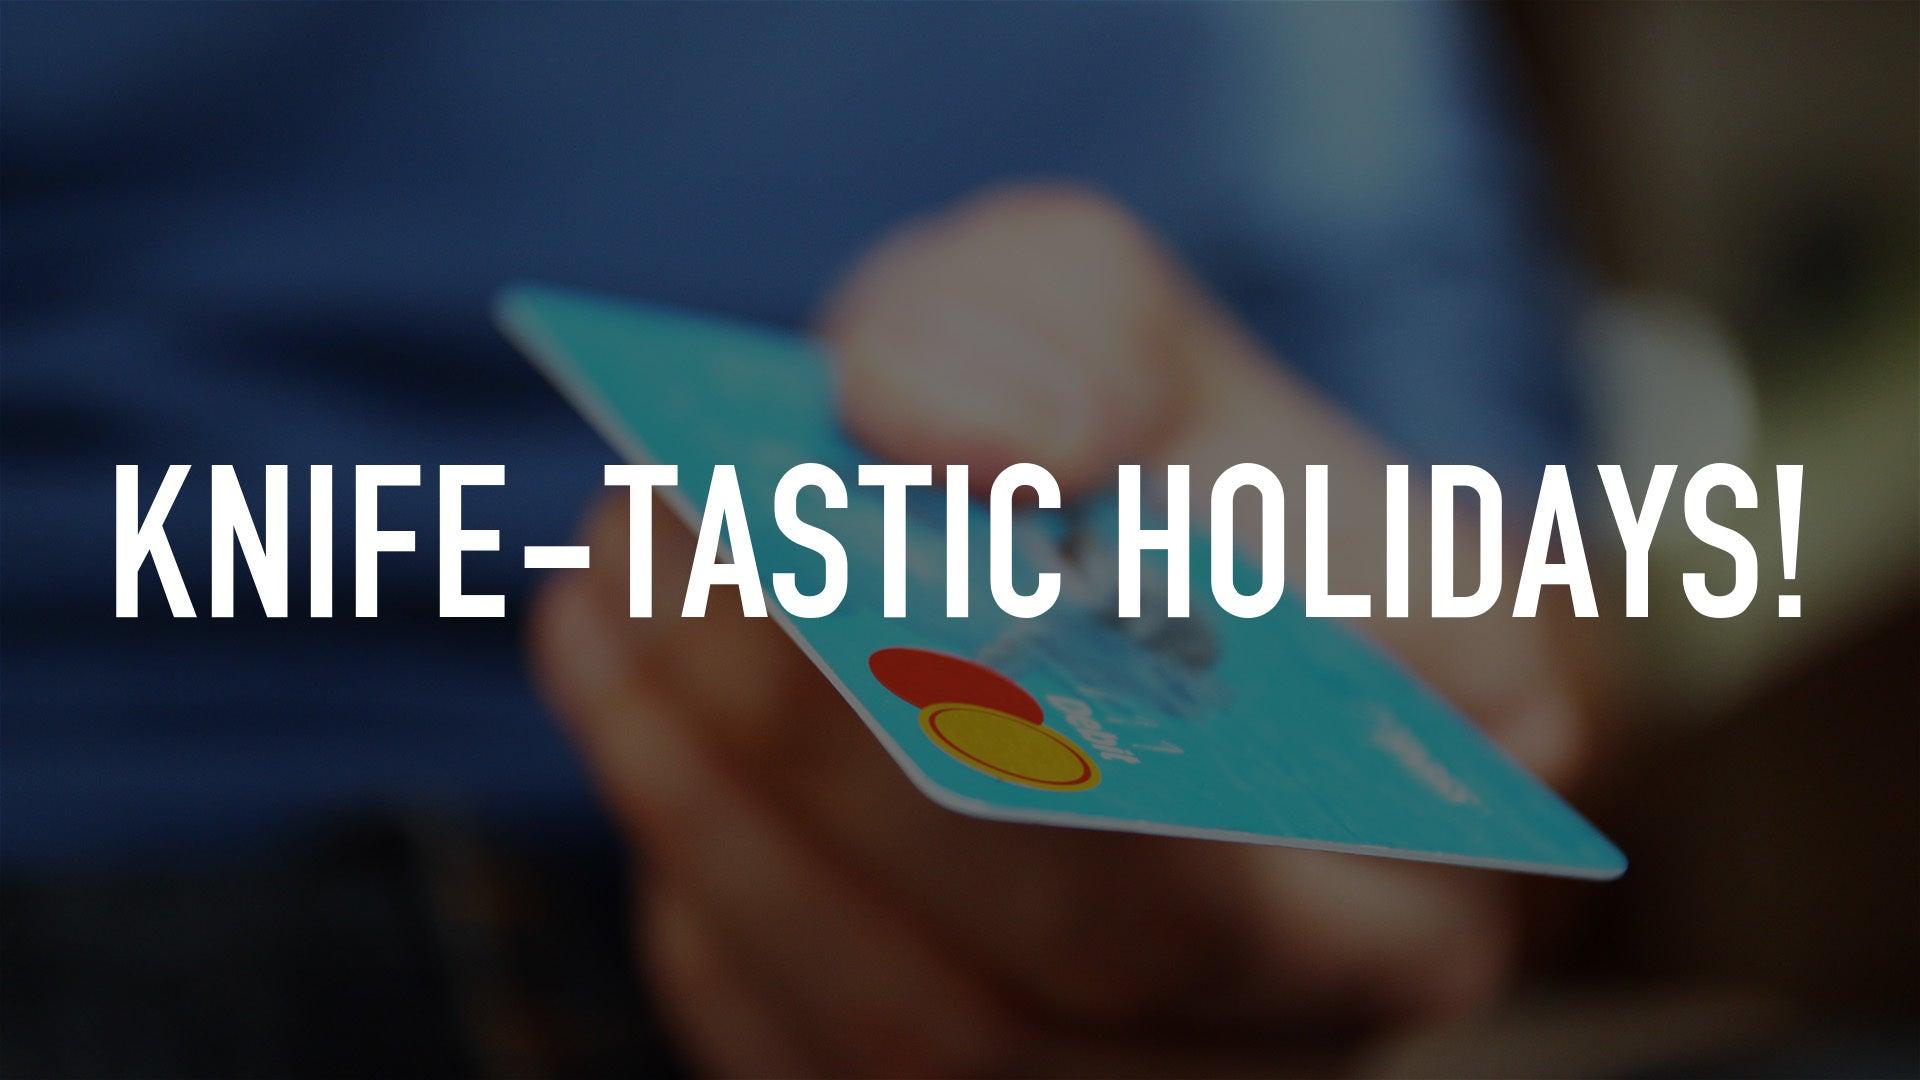 Knife-tastic Holidays!